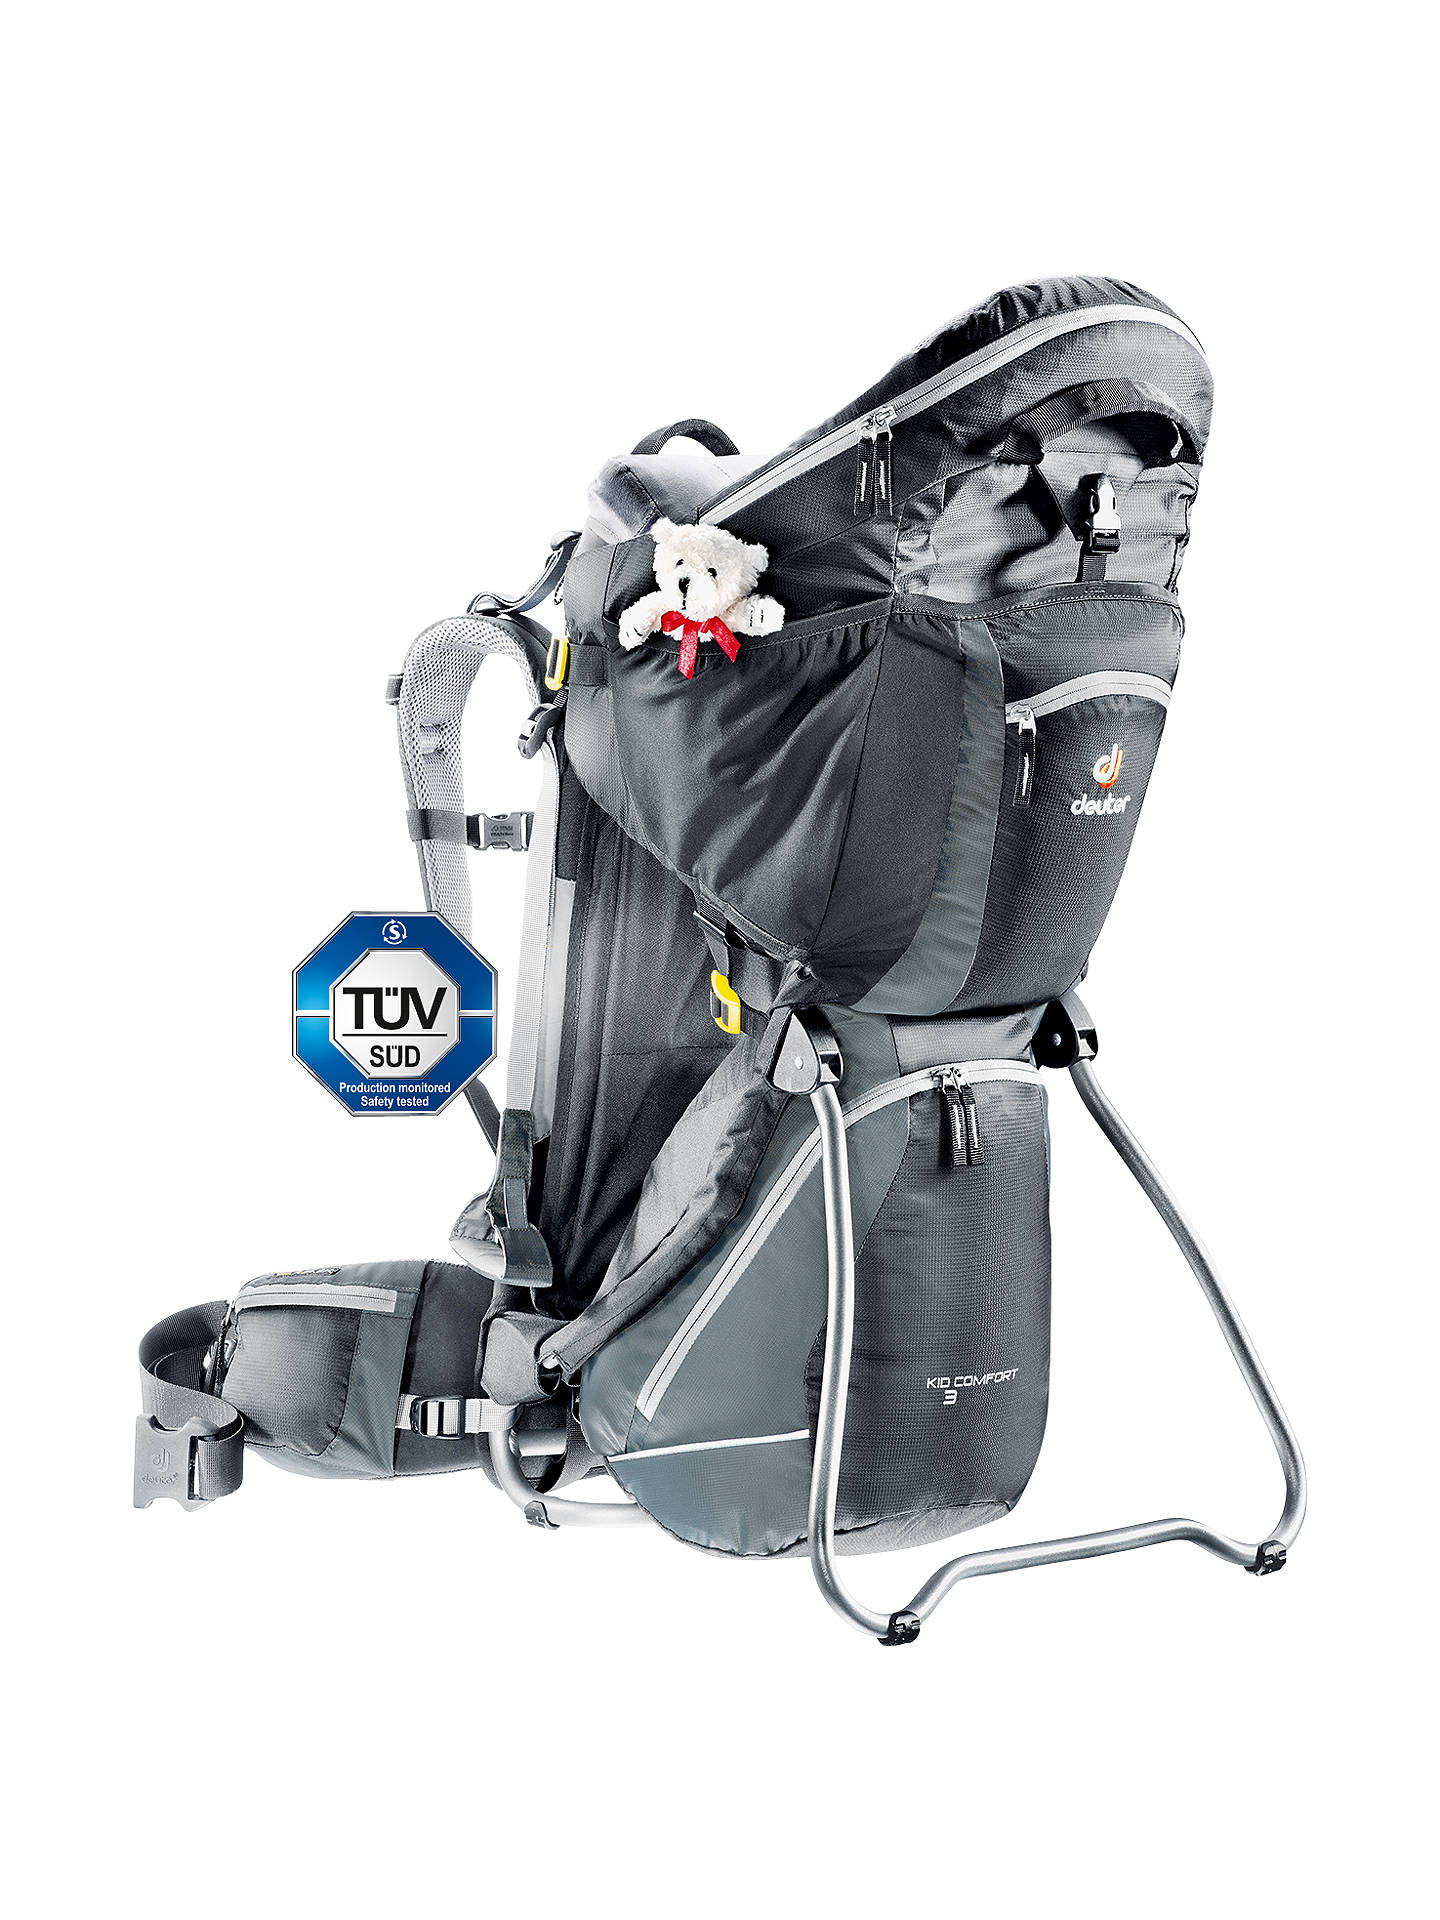 ef941e252ba6c Buy Deuter Kid Comfort 3 Child Carrier, Black Granite Online at  johnlewis.com ...